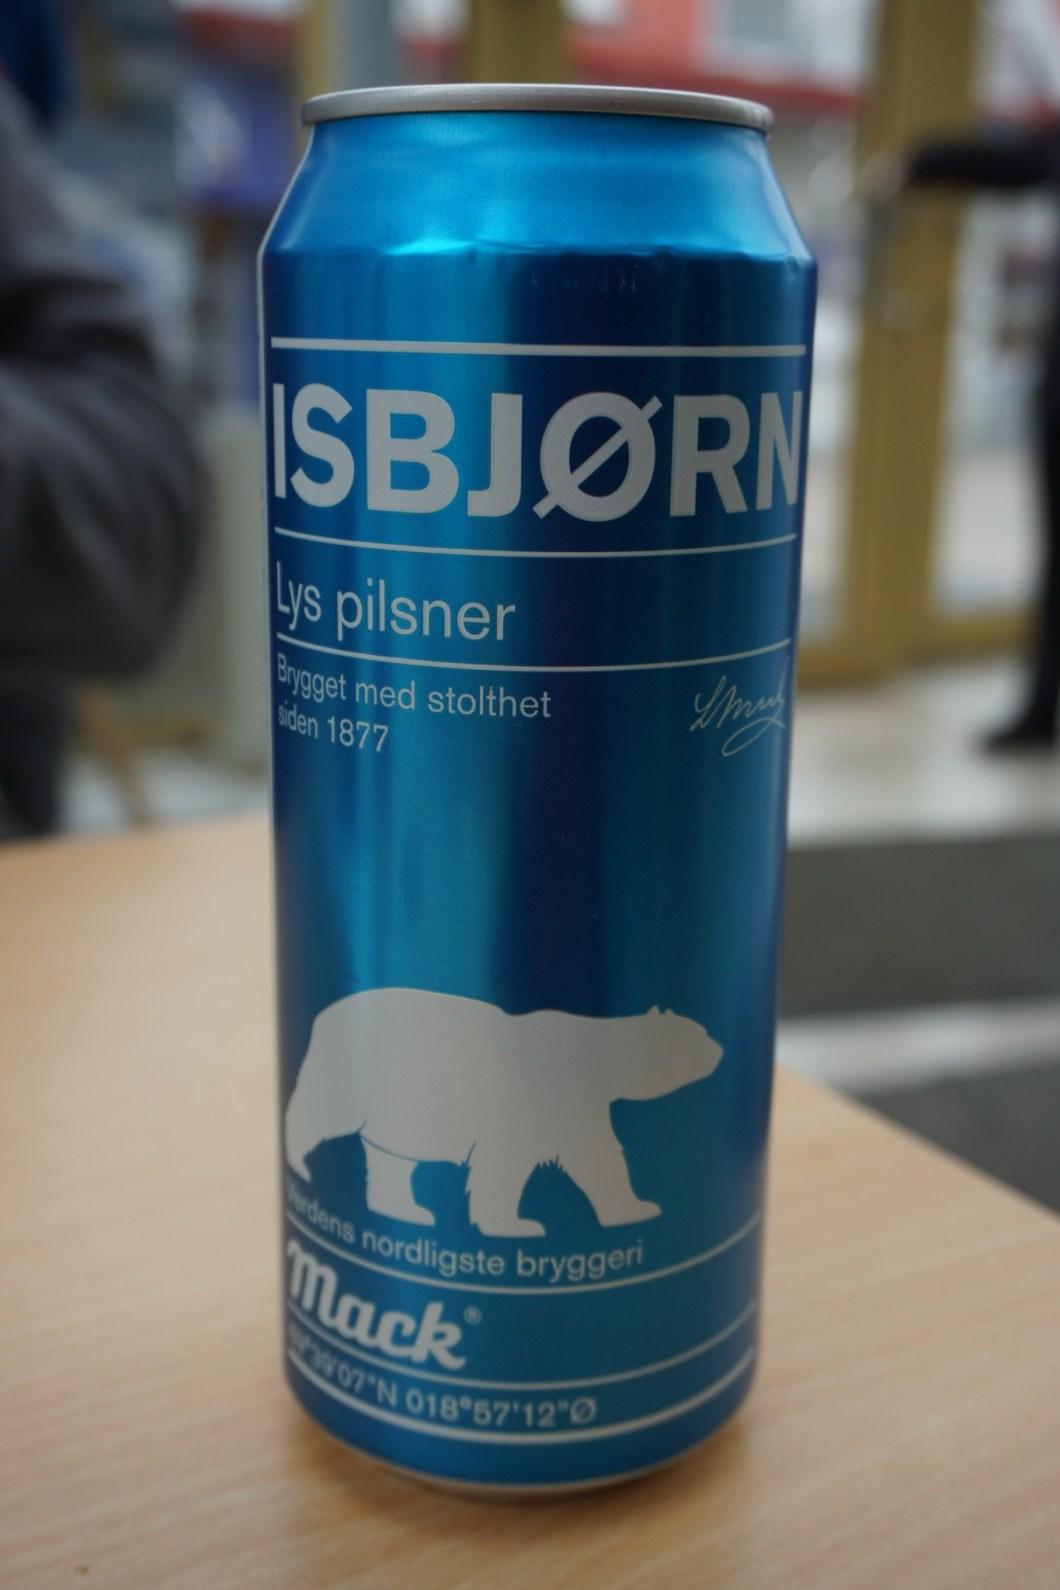 Alkohol na Svalbardzie - piwo Isbjørn